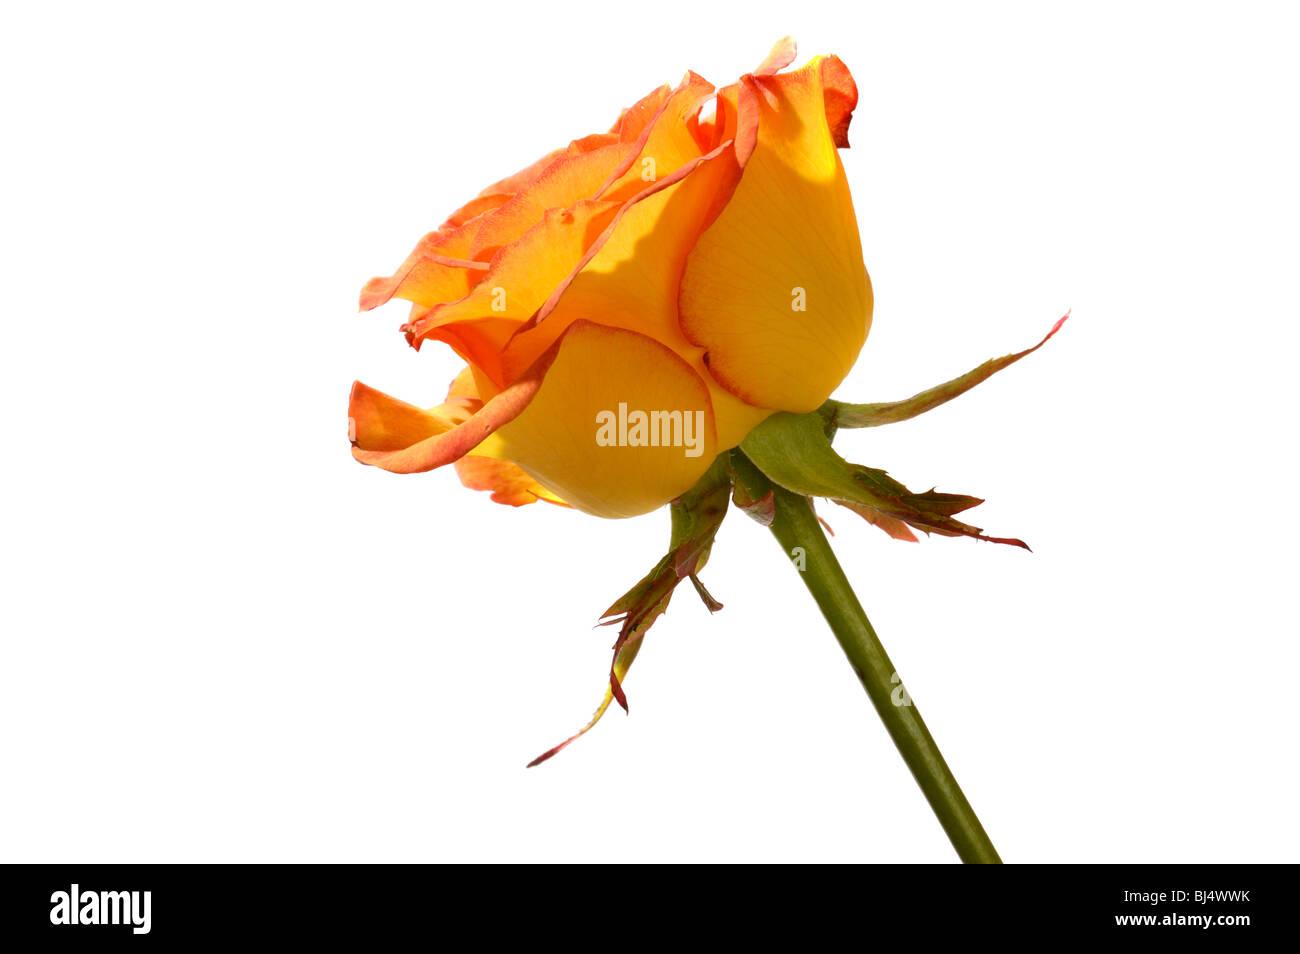 Arancione Rosa vista laterale closeup silhouette isolato su sfondi bianchi Immagini Stock